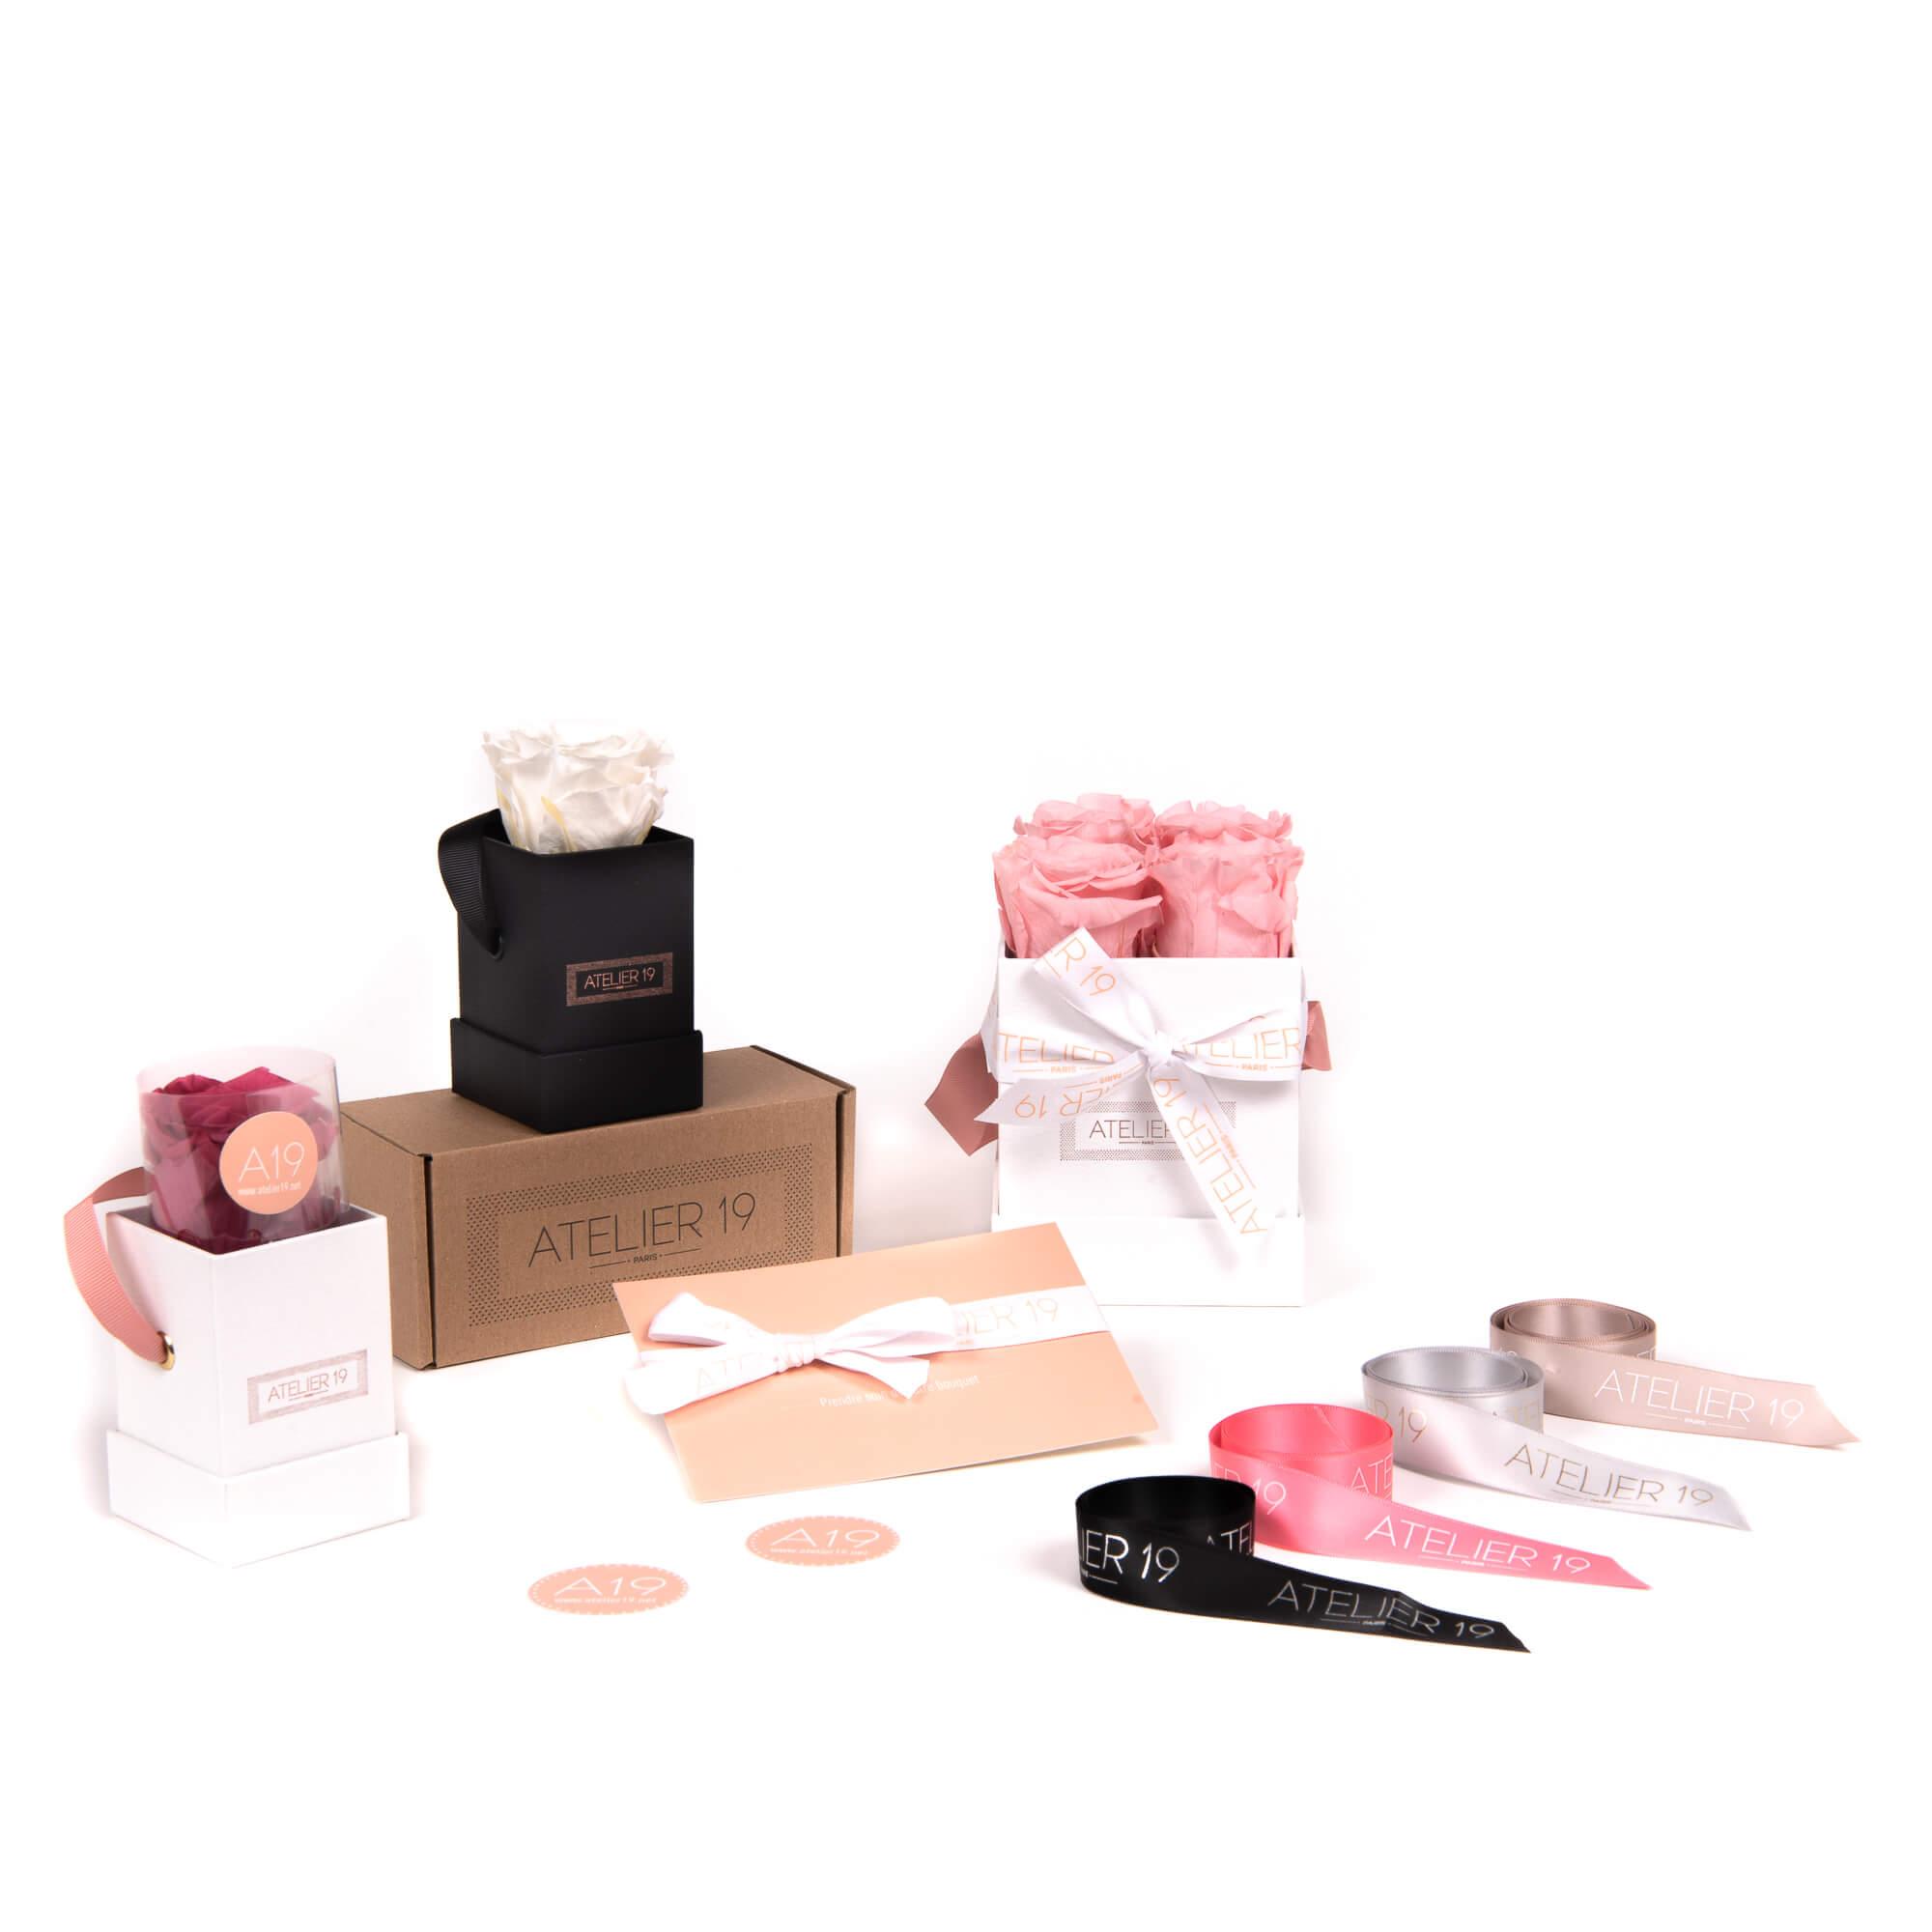 Cajas y bolsas personalizadas de Atelier 19